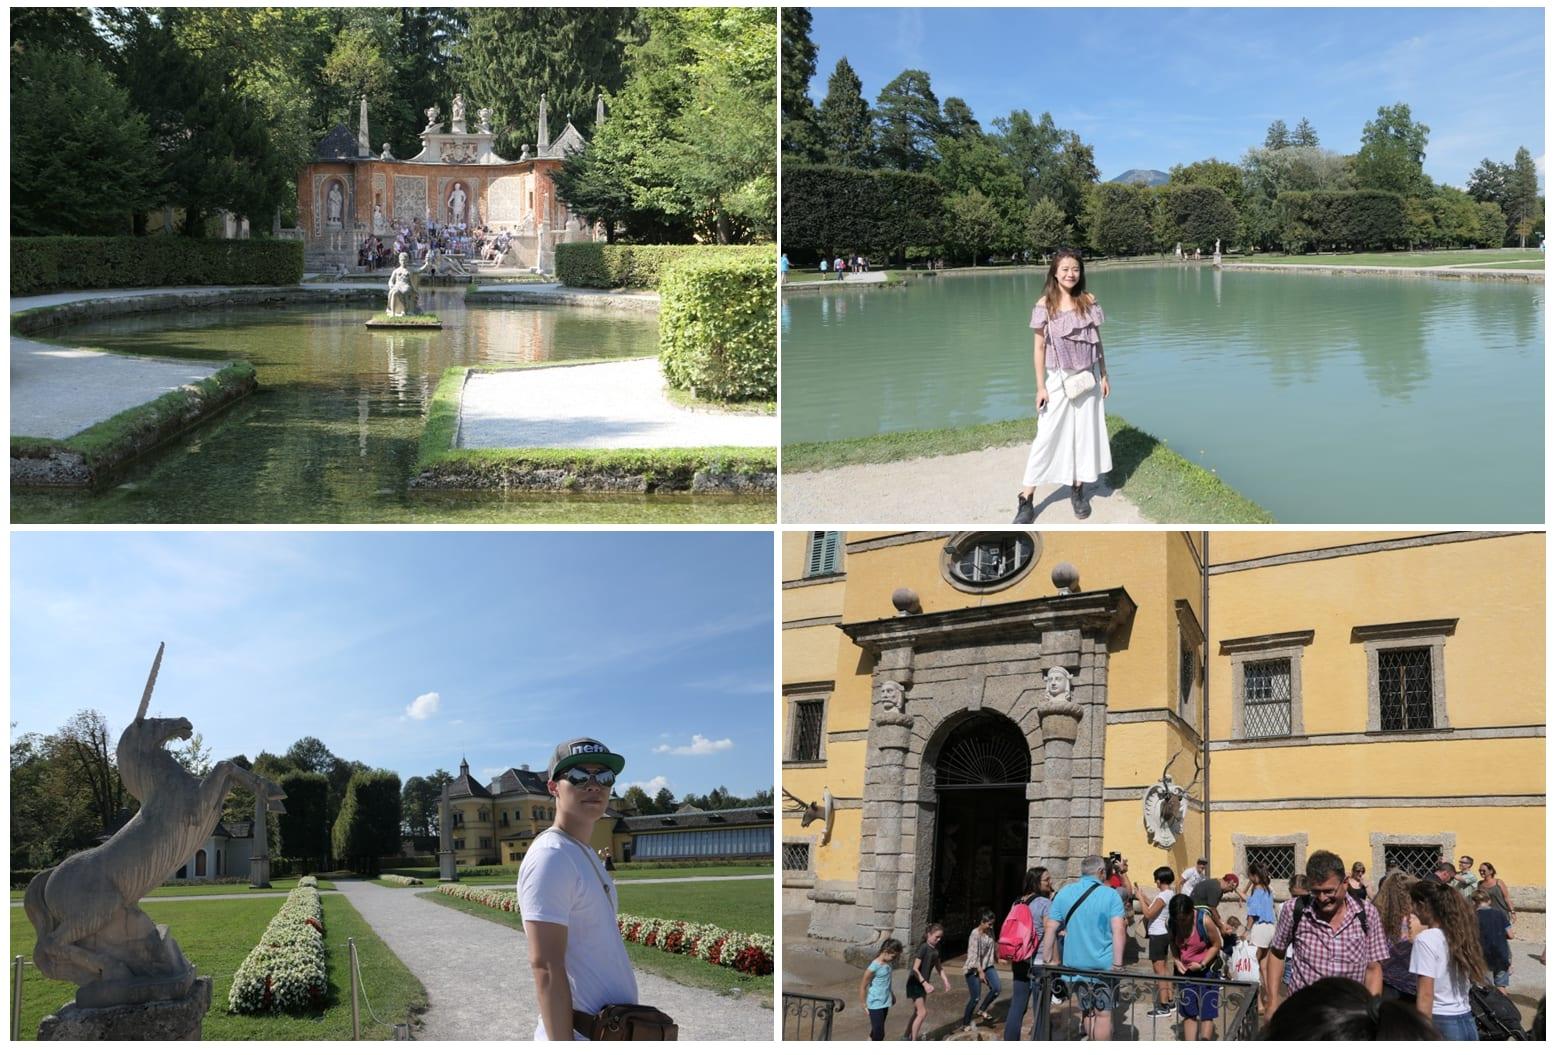 神秘的海布倫宮內十分豐富,可以一次參觀到洞穴、花園、噴泉、湖泊...等風光。